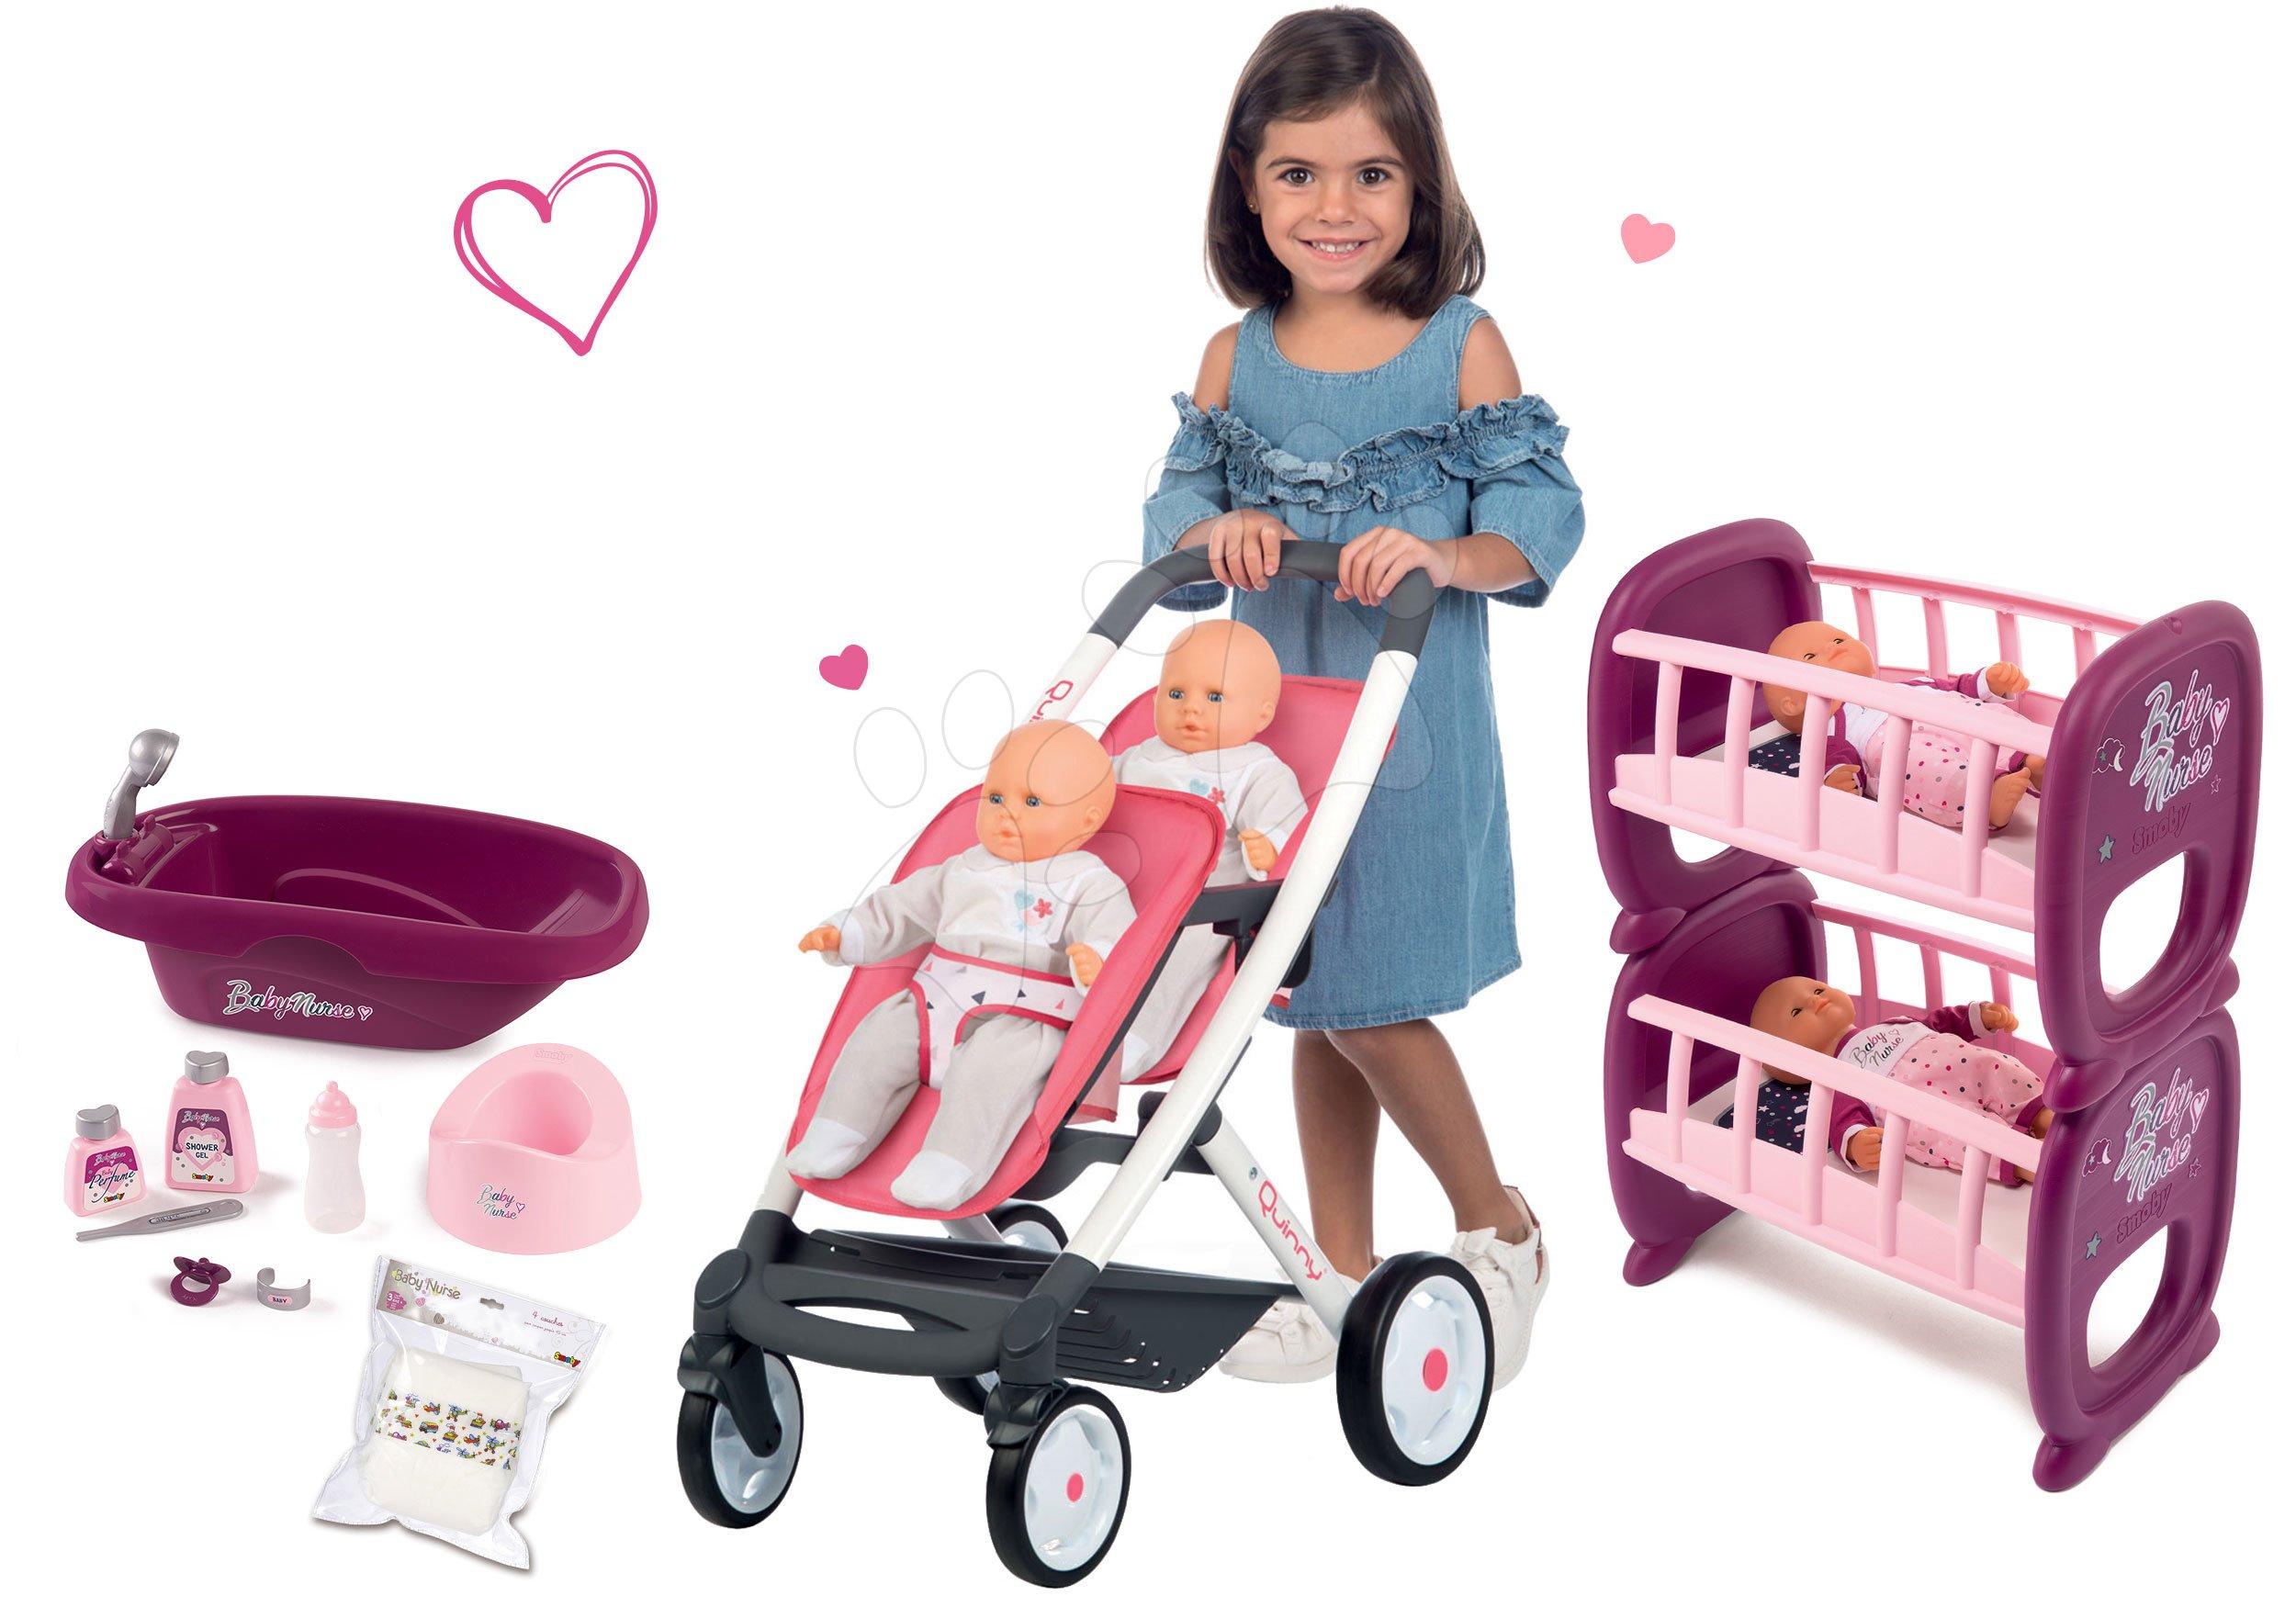 Set kočík pre dve bábiky Twin Trio Pastel Maxi Cosi & Quinny Smoby a poschodová postieľka Baby Nurse pre 42 cm bábiky s plienkami a vaničkou